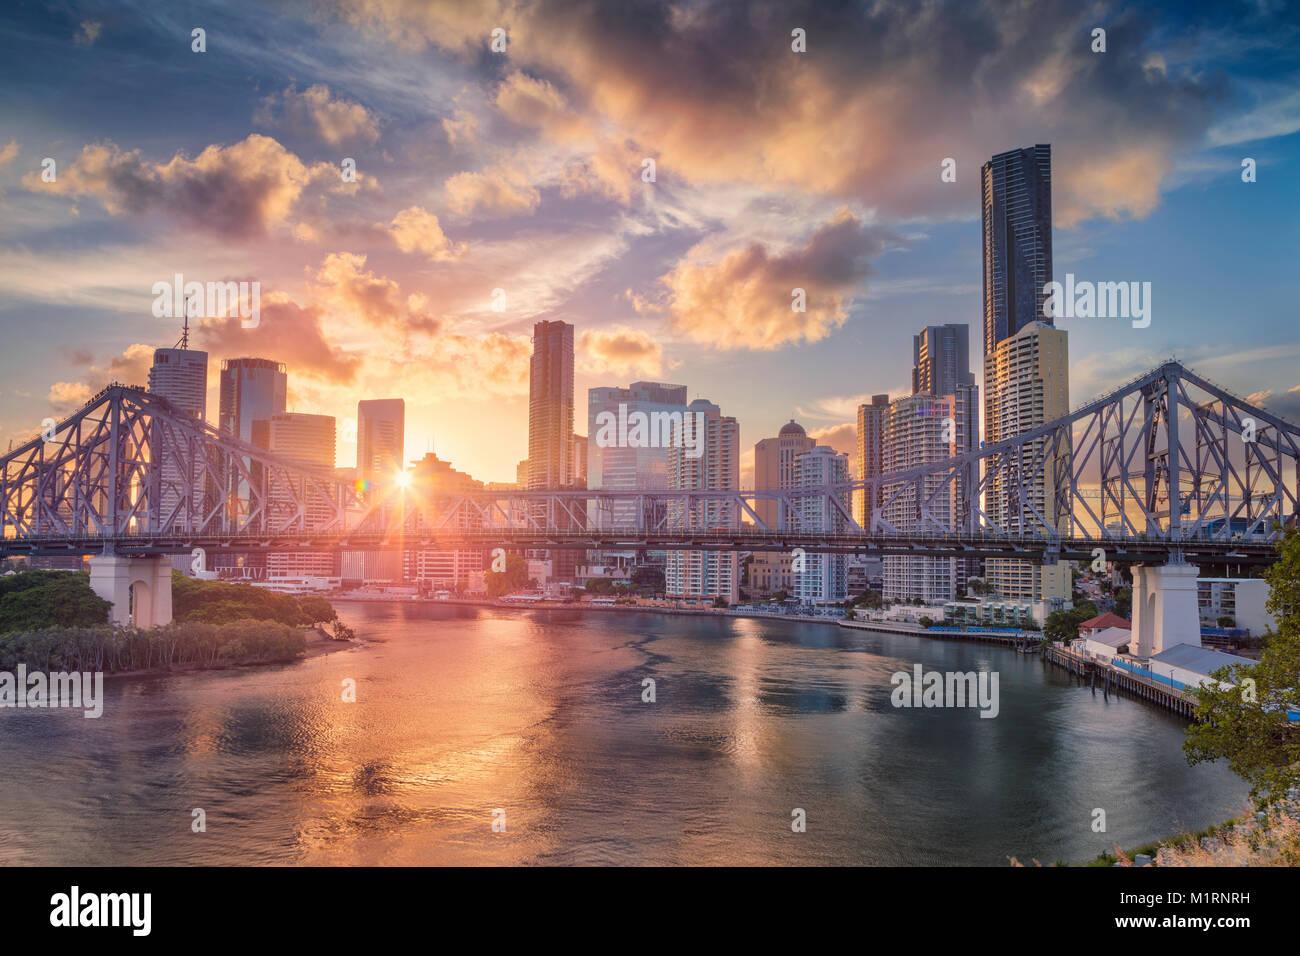 Brisbane. Cityscape immagine della skyline di Brisbane, Australia con Story Bridge durante il tramonto spettacolare. Immagini Stock